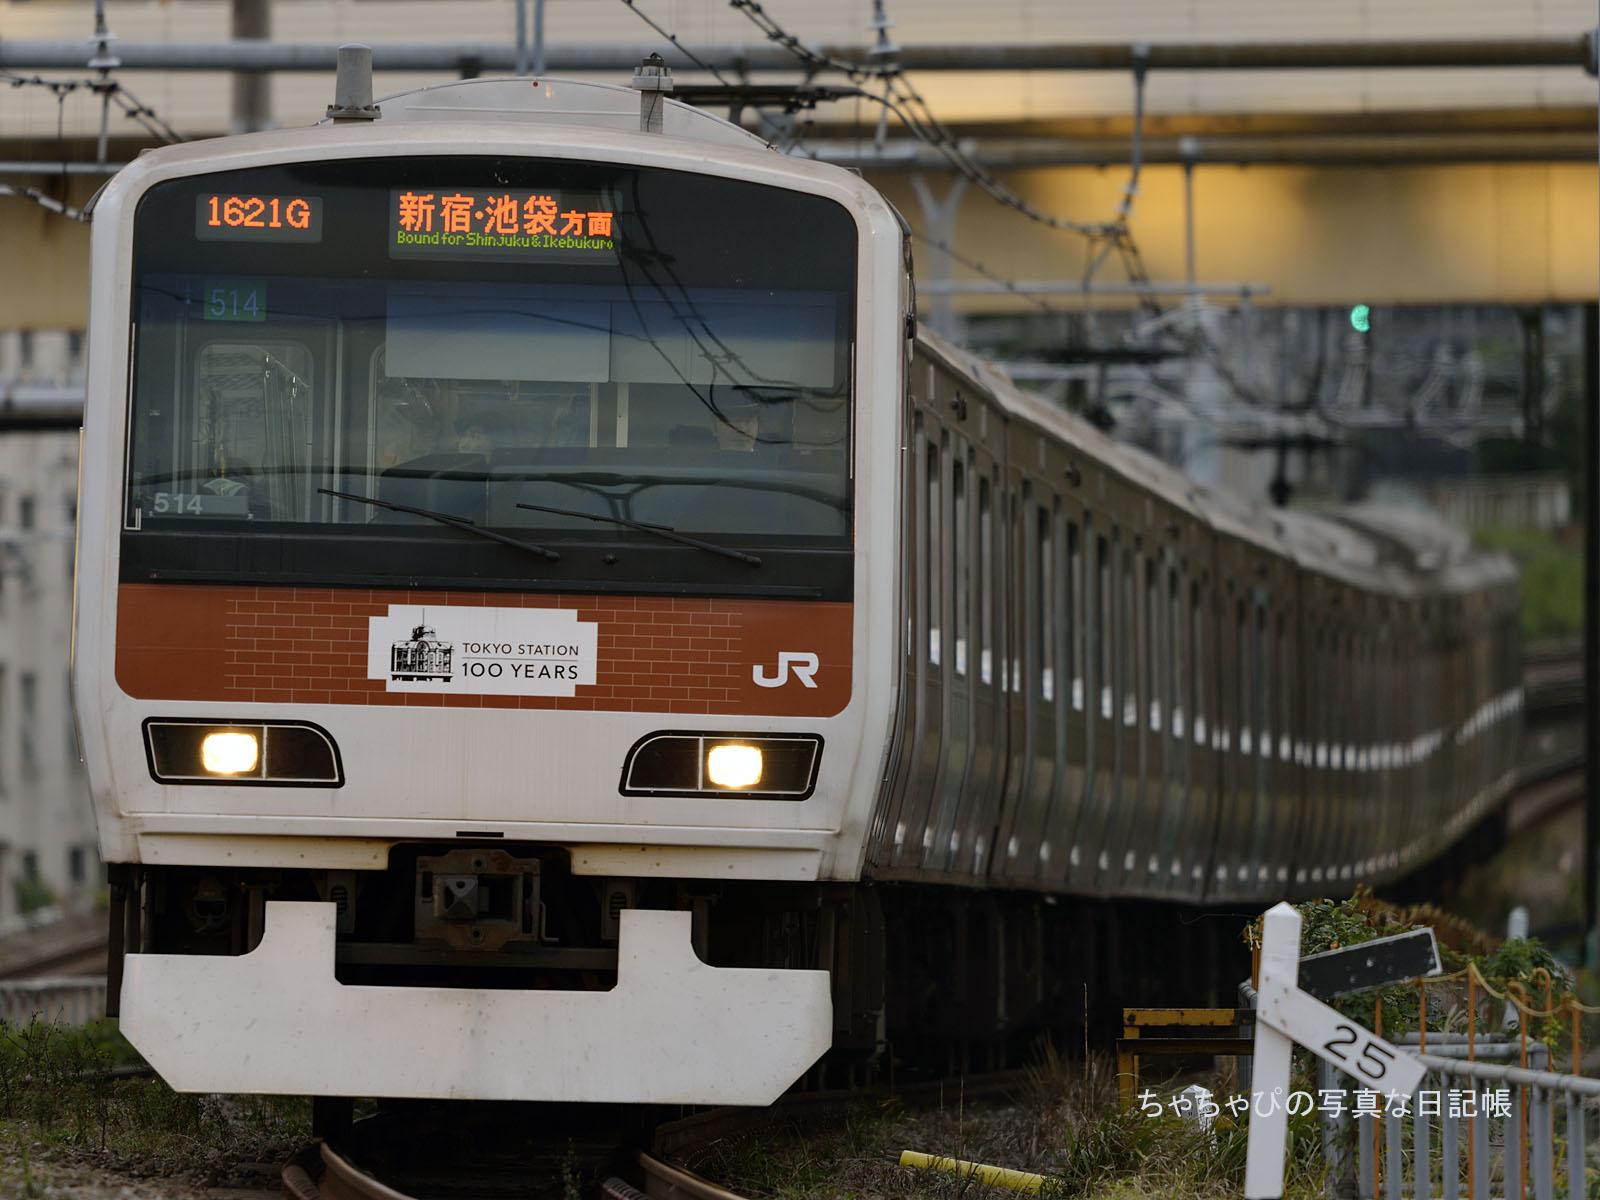 東京駅開業100周年 山手線ラッピングトレイン E231系